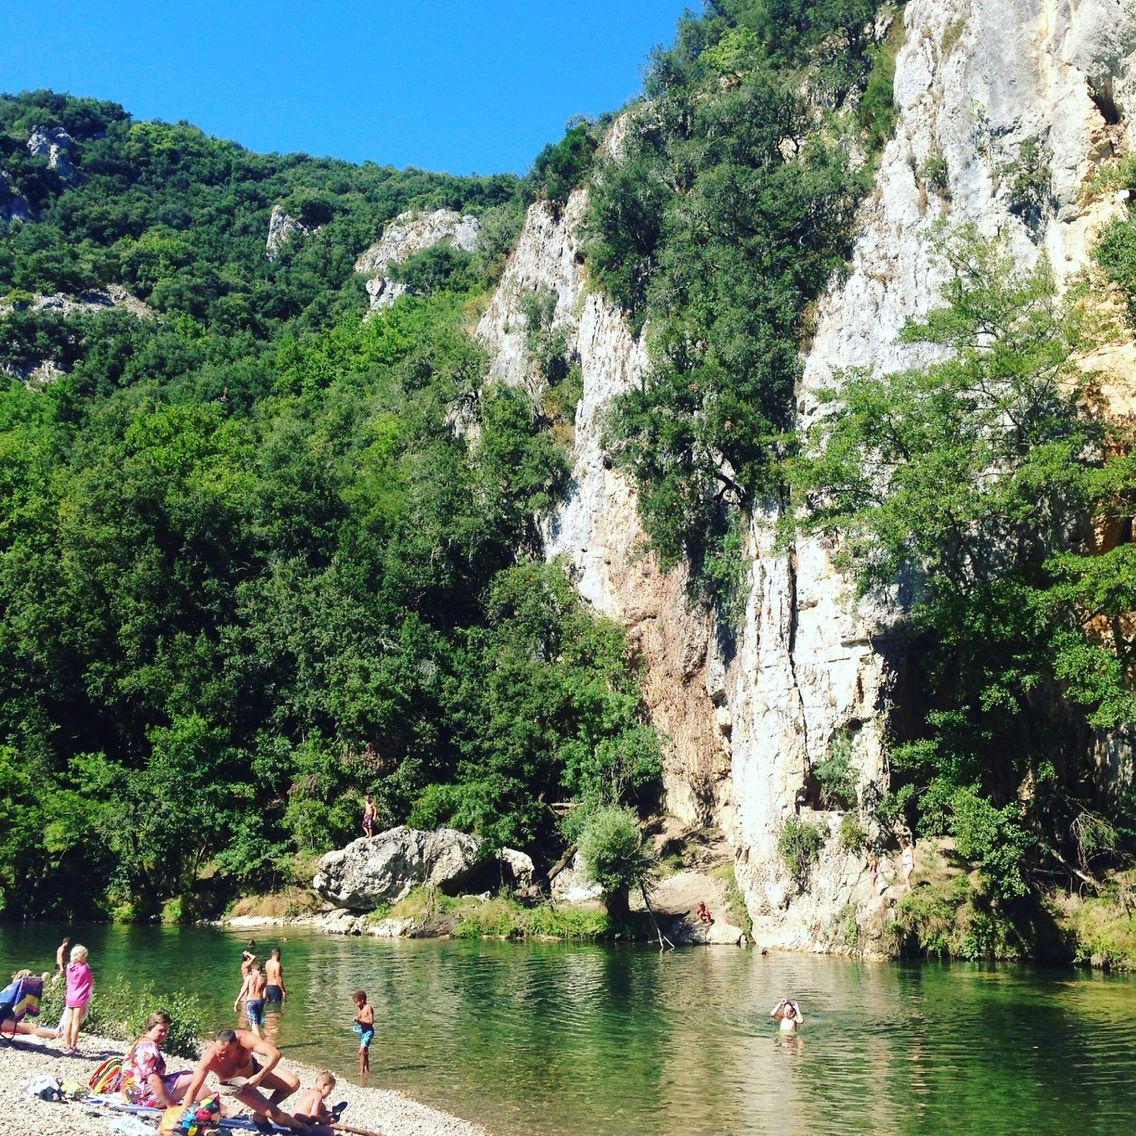 Baignade En Riviere Dans Les Gorges De La Ceze France Travel